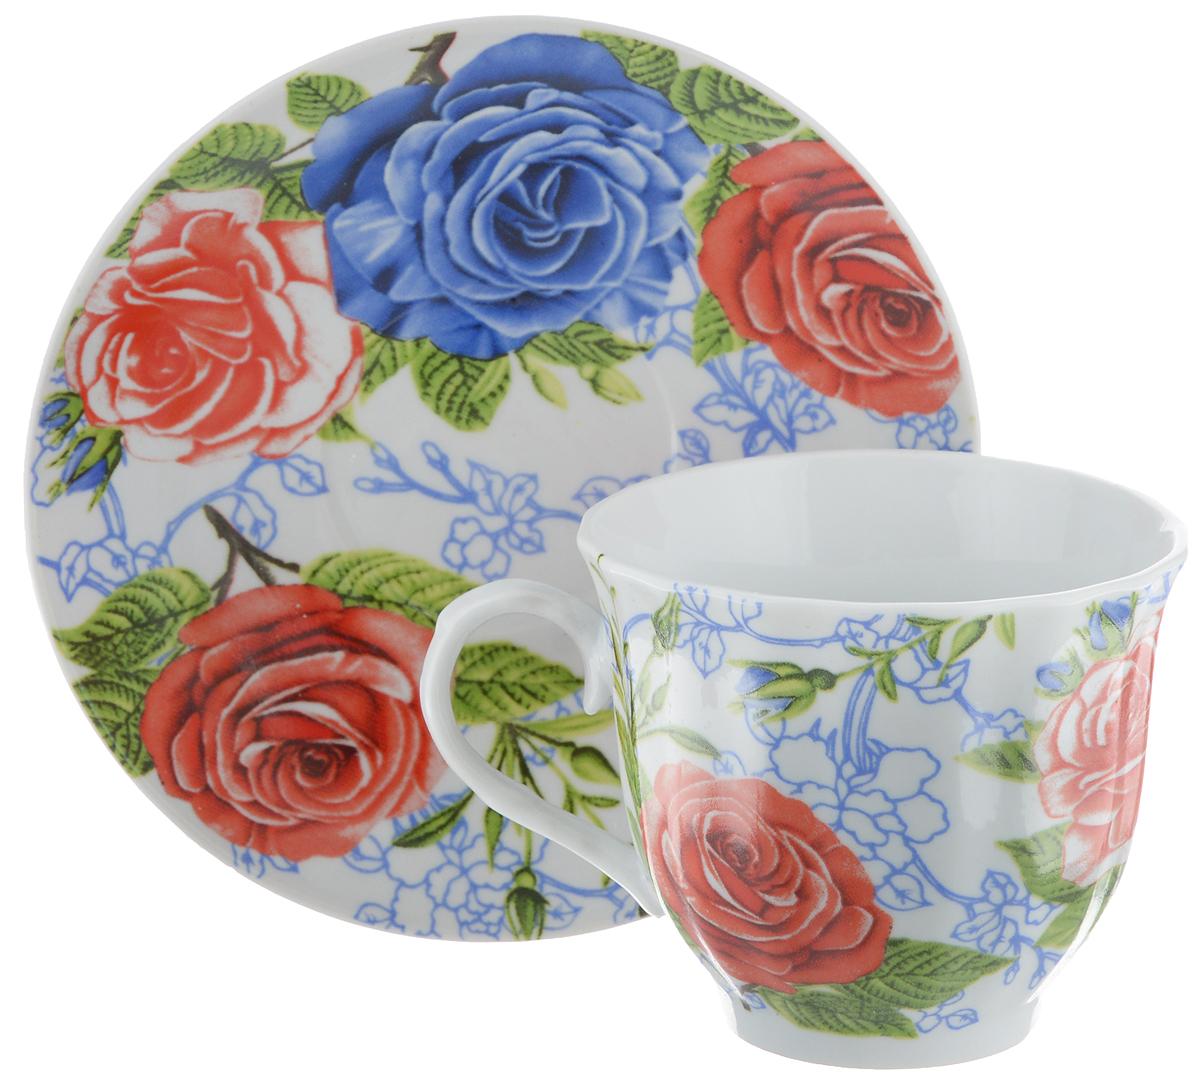 Чайная пара Bella, 2 предмета. DL-F1GB-174115610Чайная пара Bella состоит из чашки и блюдца, изготовленных из высококачественного фарфора. Оригинальный яркий дизайн, несомненно, придется вам по вкусу.Чайная пара Bella украсит ваш кухонный стол, а также станет замечательным подарком к любому празднику.Диаметр чашки (по верхнему краю): 8,5 см.Высота чашки: 7 см.Объем чашки: 220 мл.Диаметр блюдца: 14 см.